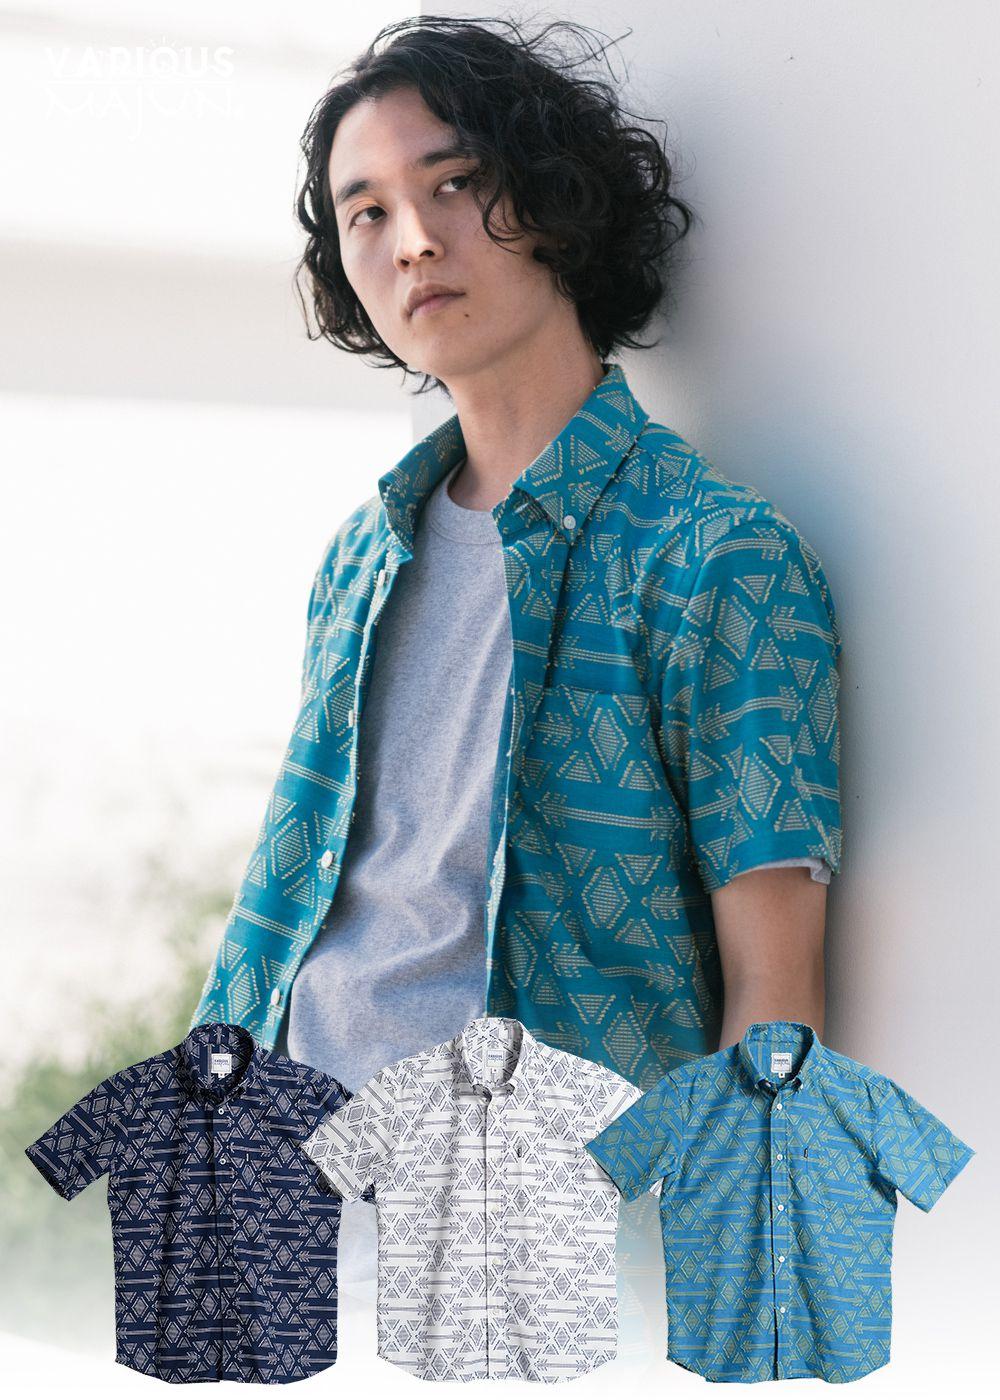 かりゆしウェア(沖縄版アロハシャツ) MAJUN - ハジチアンティーク